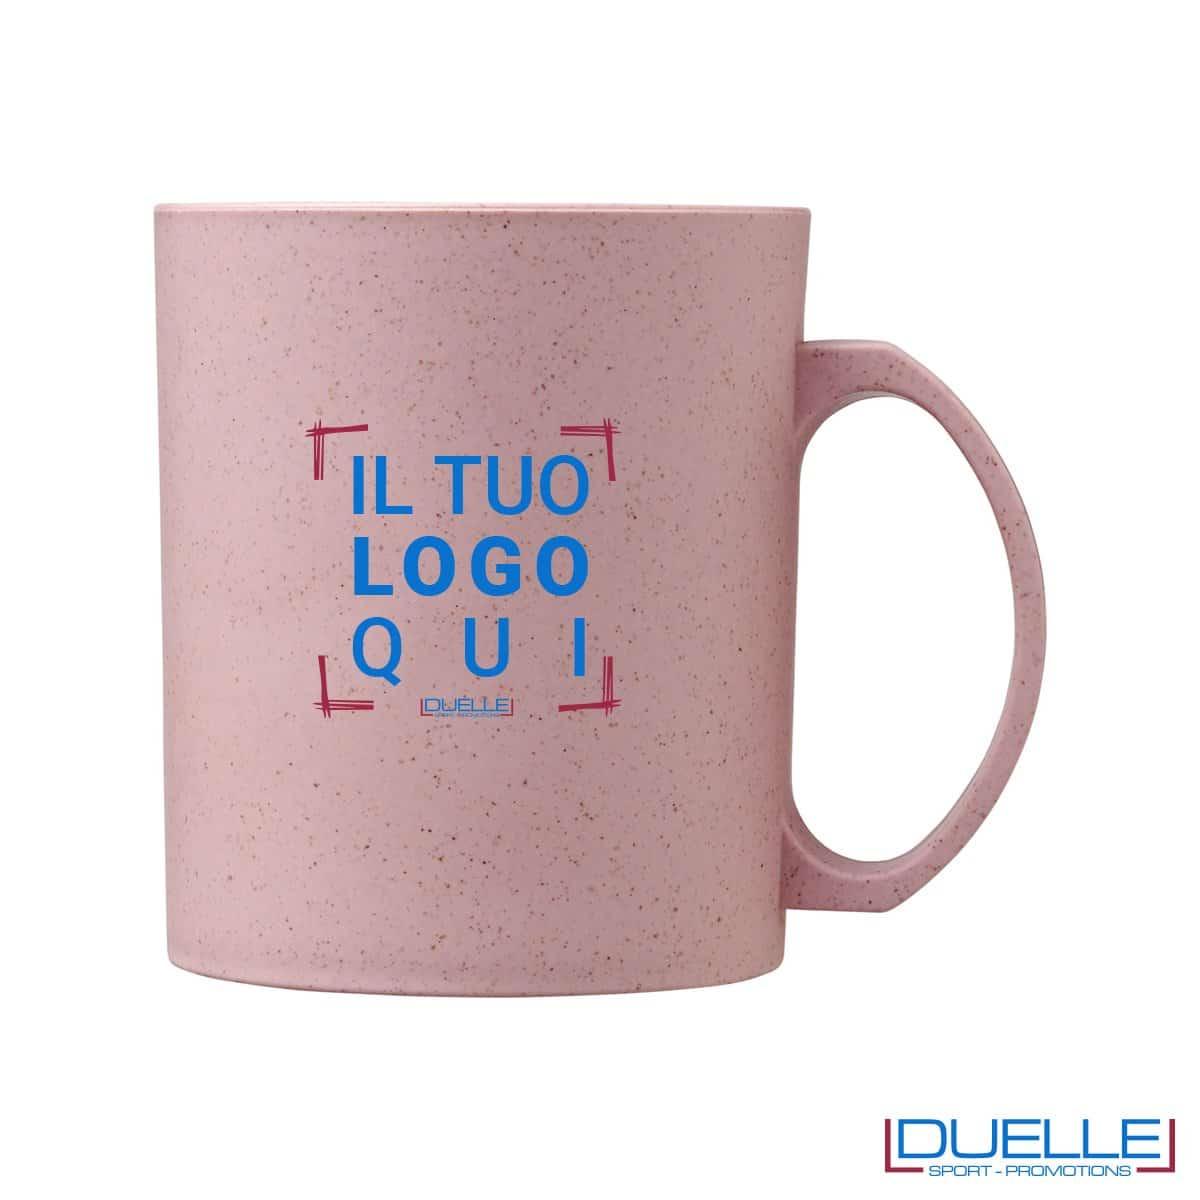 Tazza in fibra di paglia di grano colore rosa personalizzata con stampa